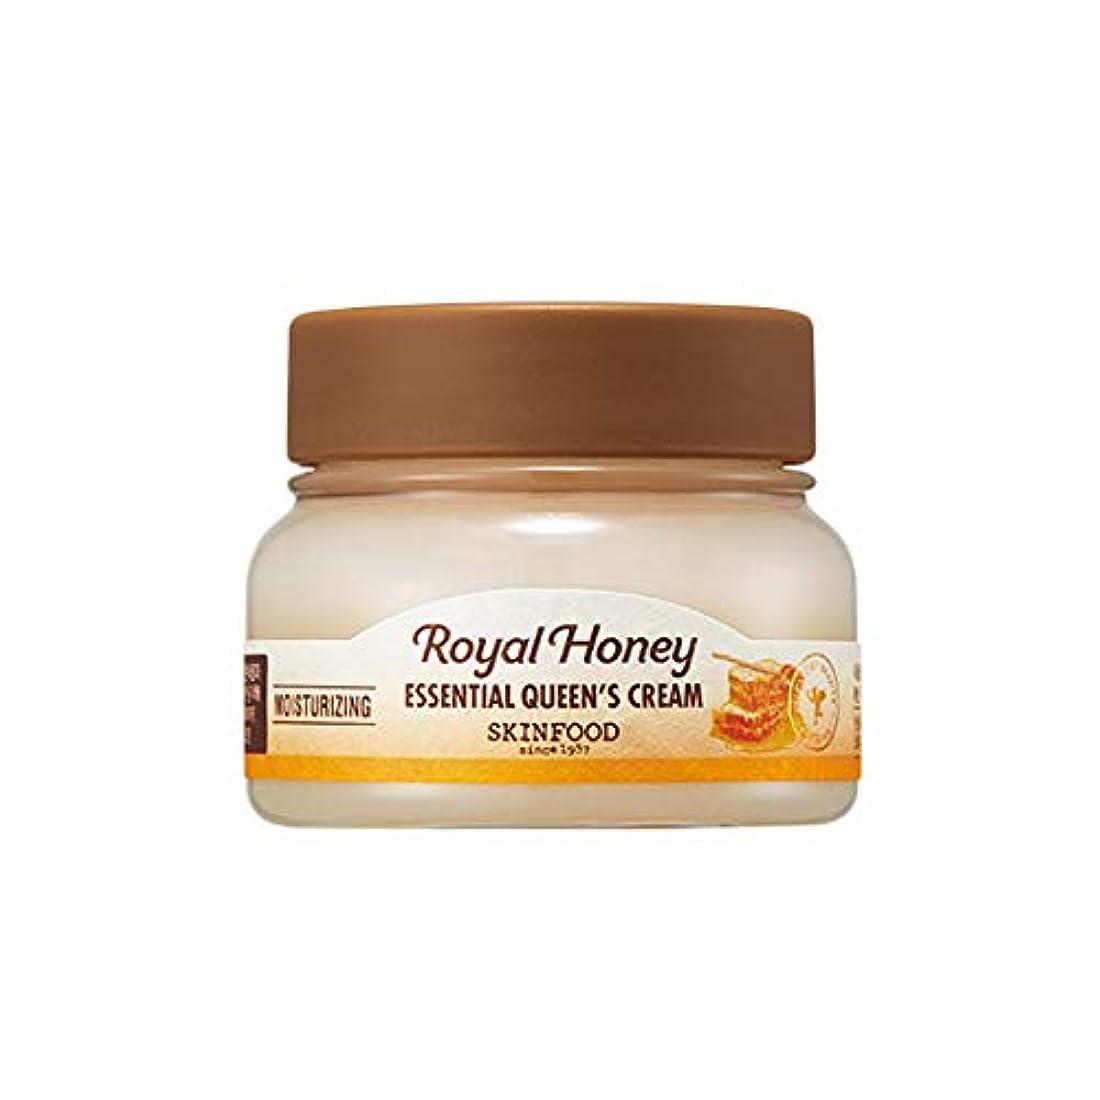 シロクマ専制各Skinfood ロイヤルハニーエッセンシャルクイーンクリーム/Royal Honey Essential Queen's Cream 62ml [並行輸入品]